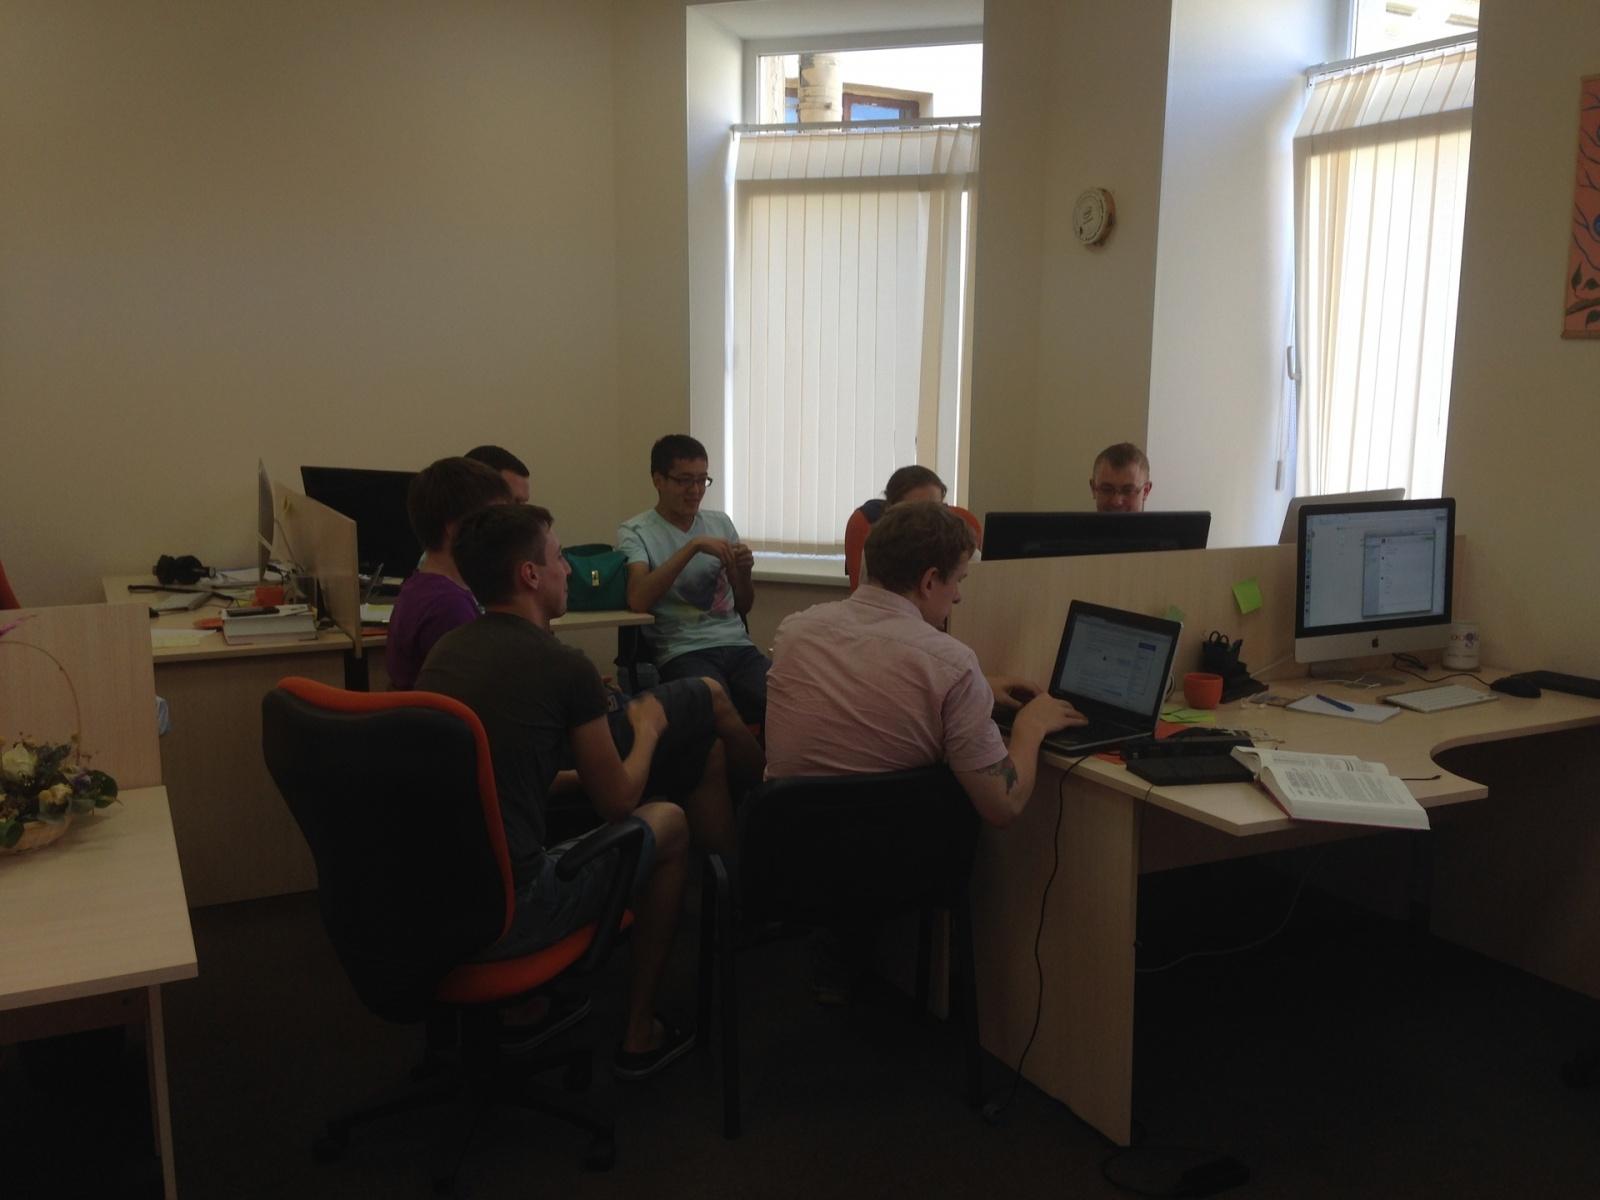 Открытие студии мобильной разработки «с нуля» в Питере — 3.5 года спустя. Реинкарнация. Часть 2 - 2